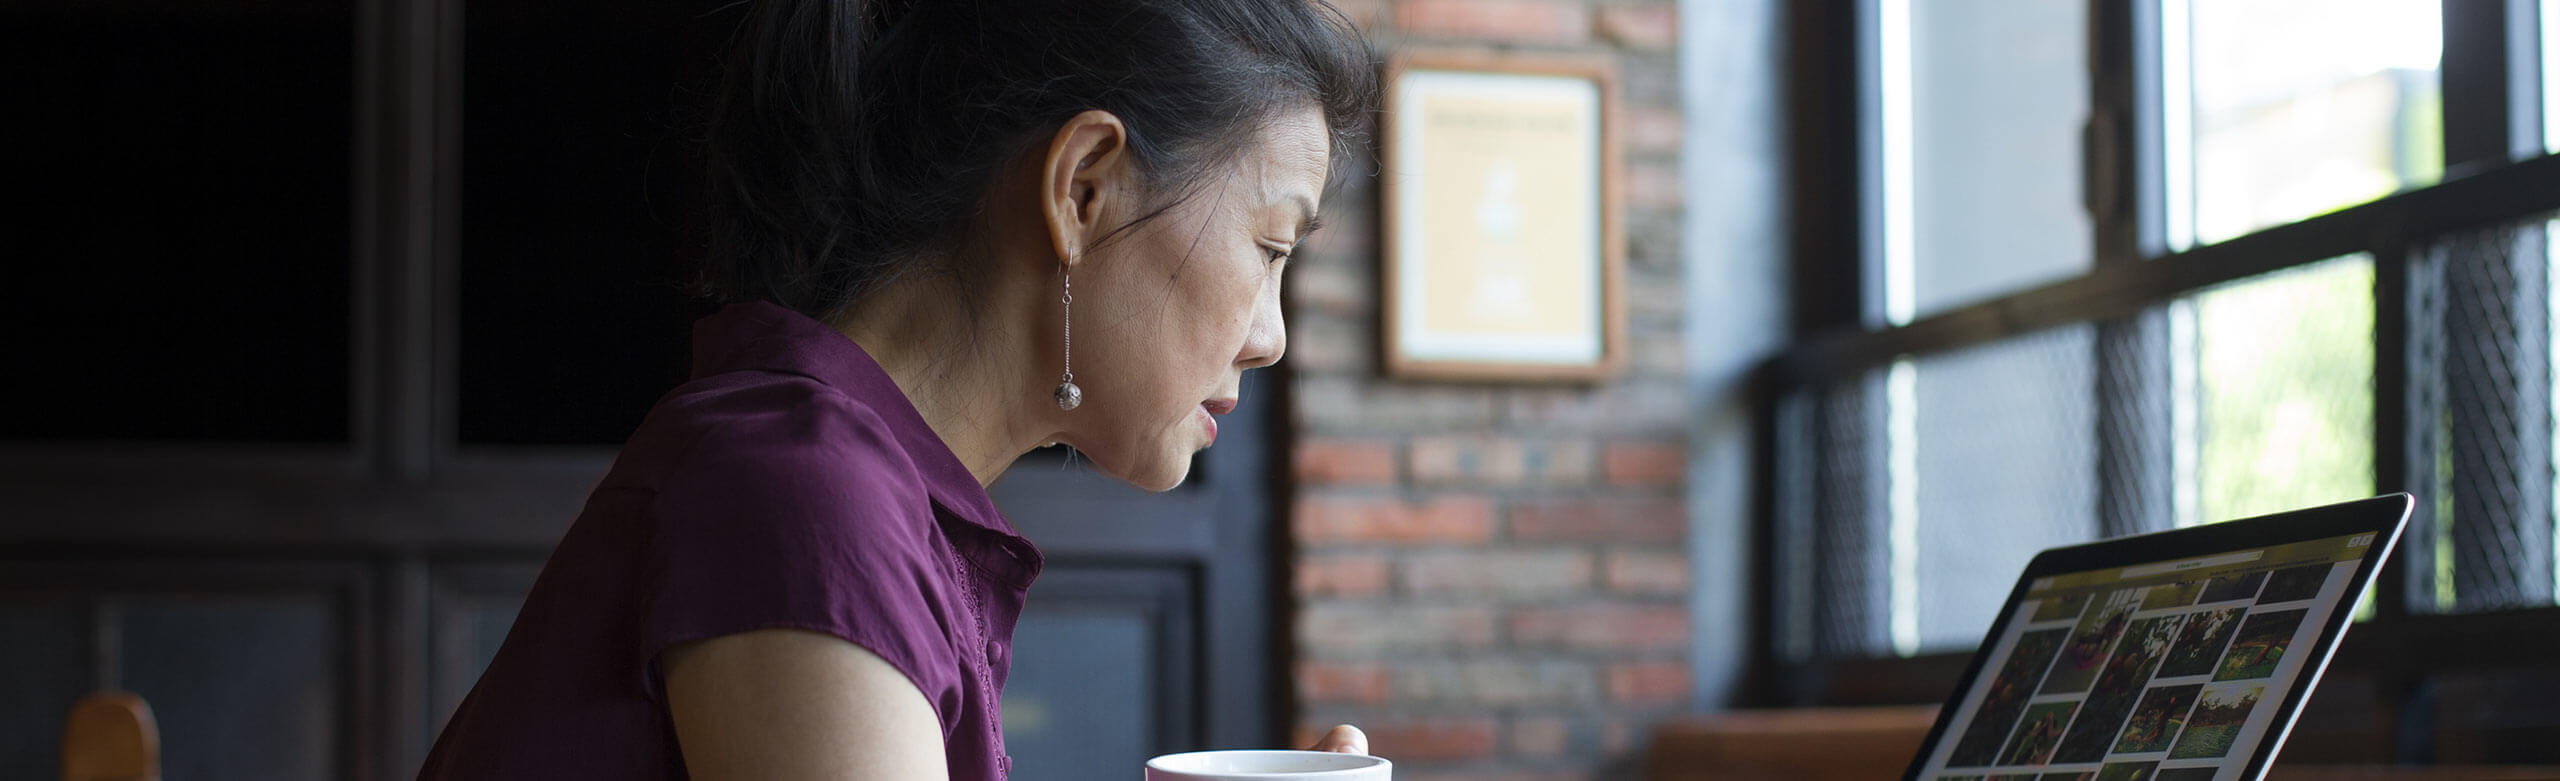 Mulher bebendo café e trabalhando no notebook